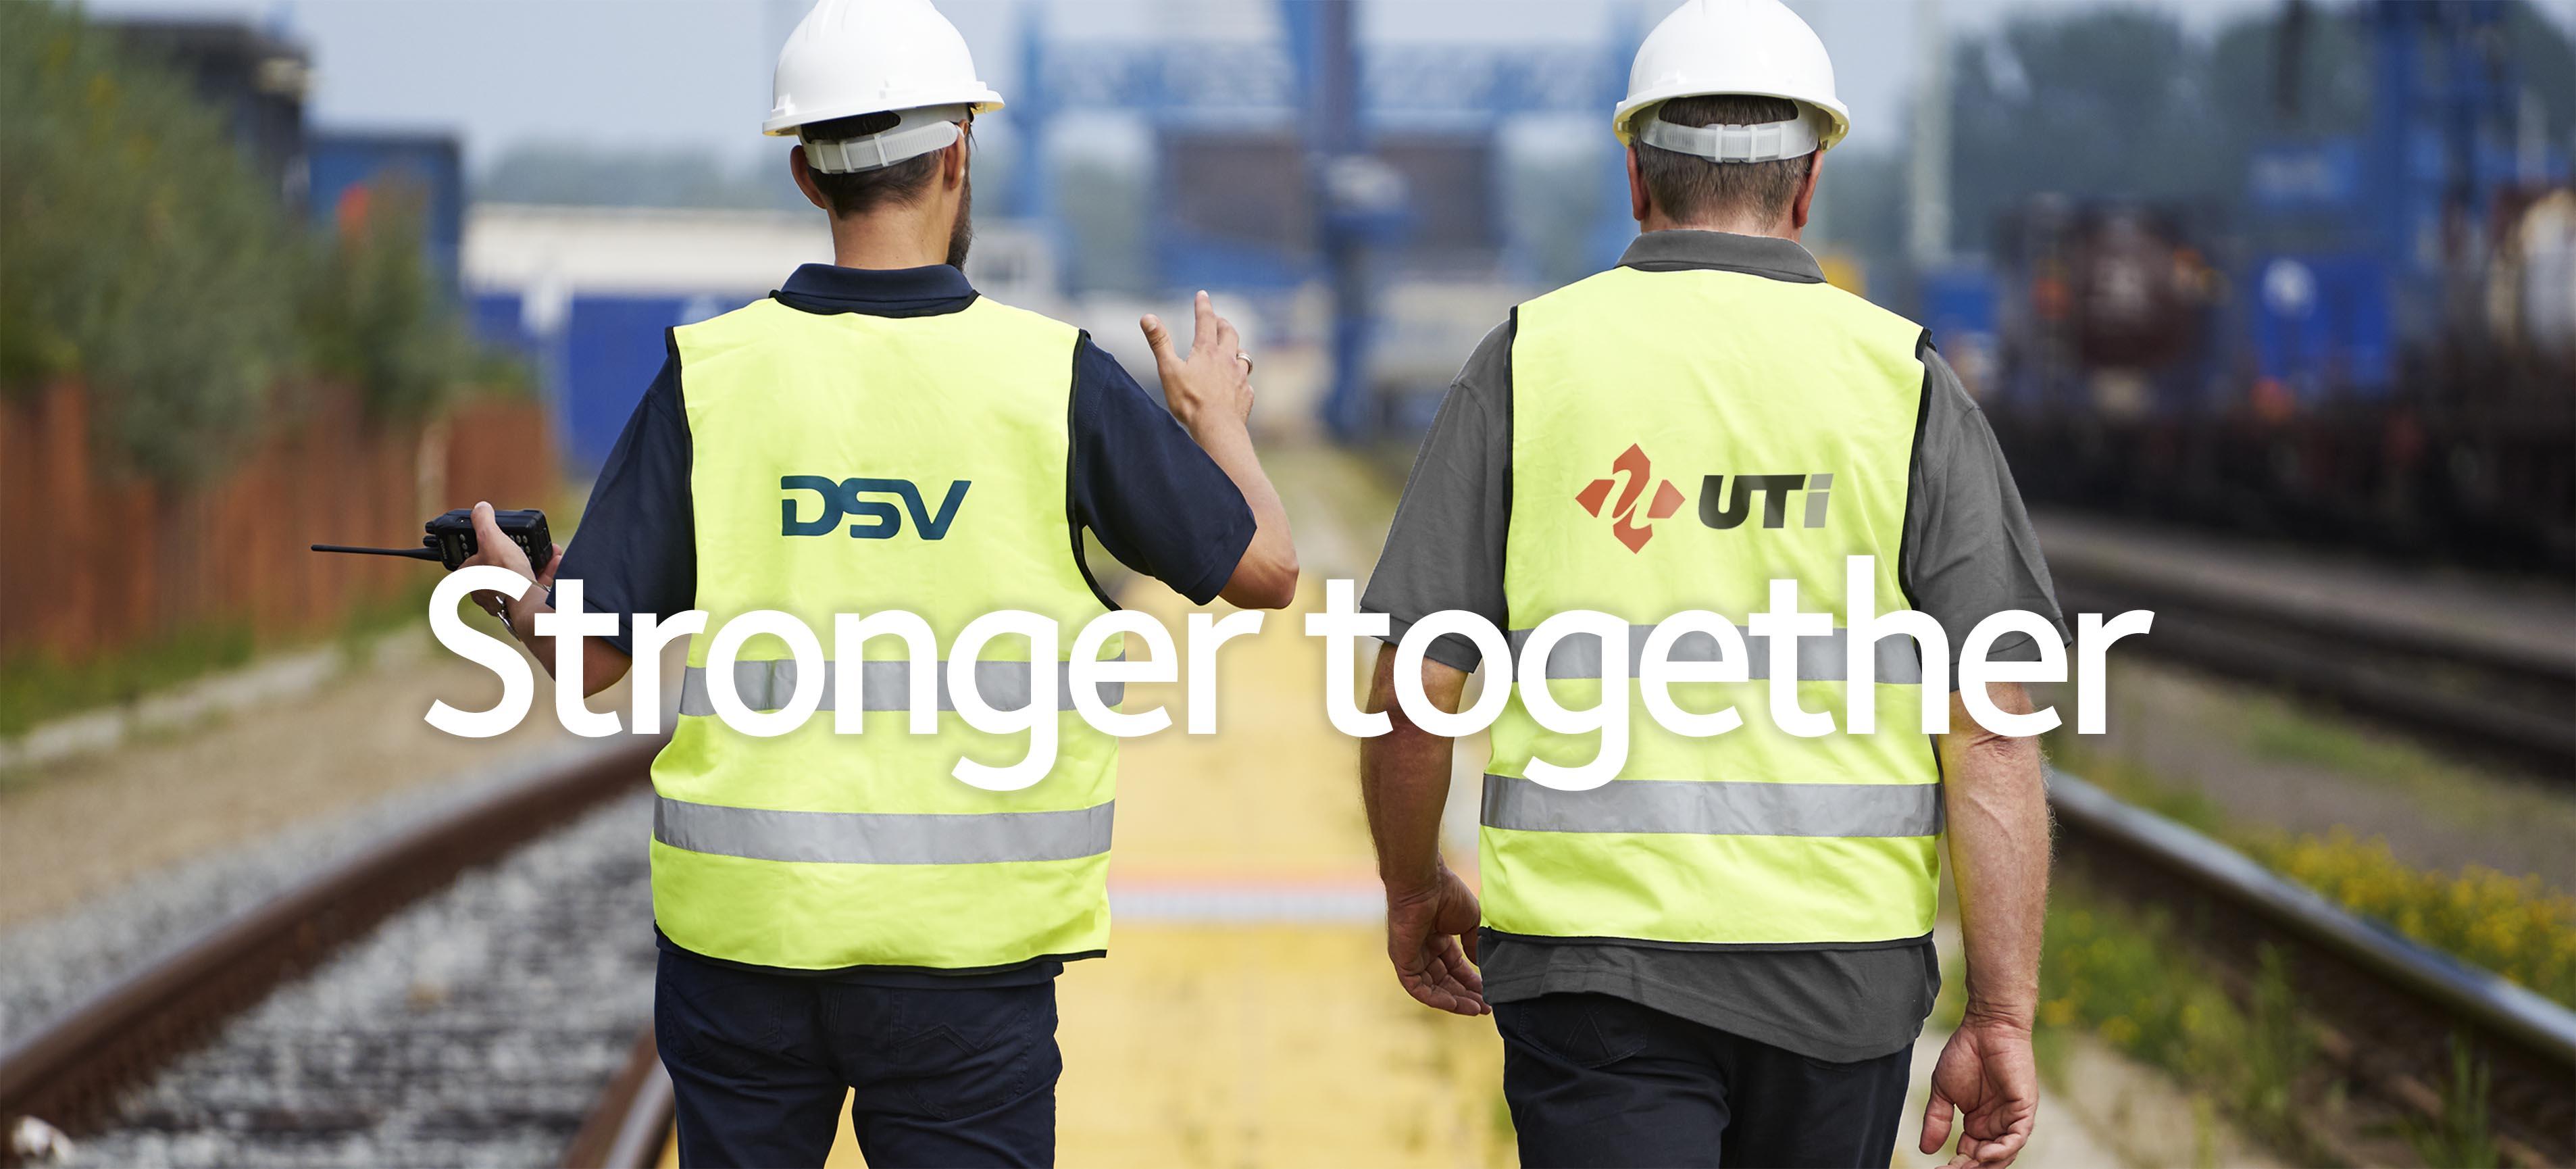 DSV achiziționează UTi Worldwide